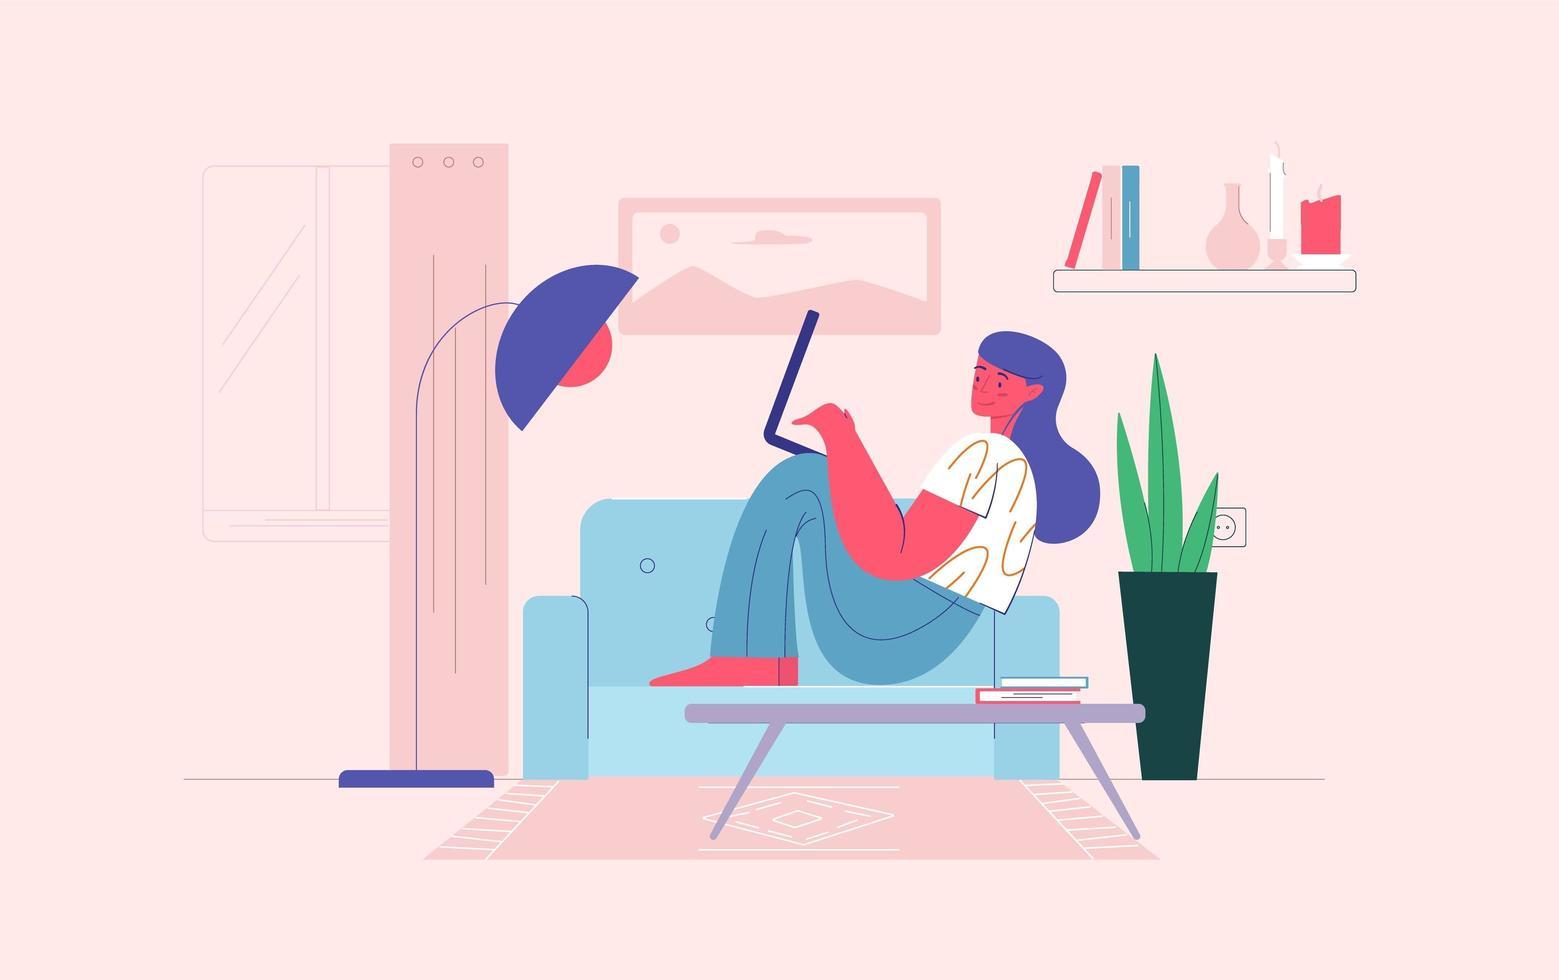 vrouw die werkt vanuit huis op laptop vector